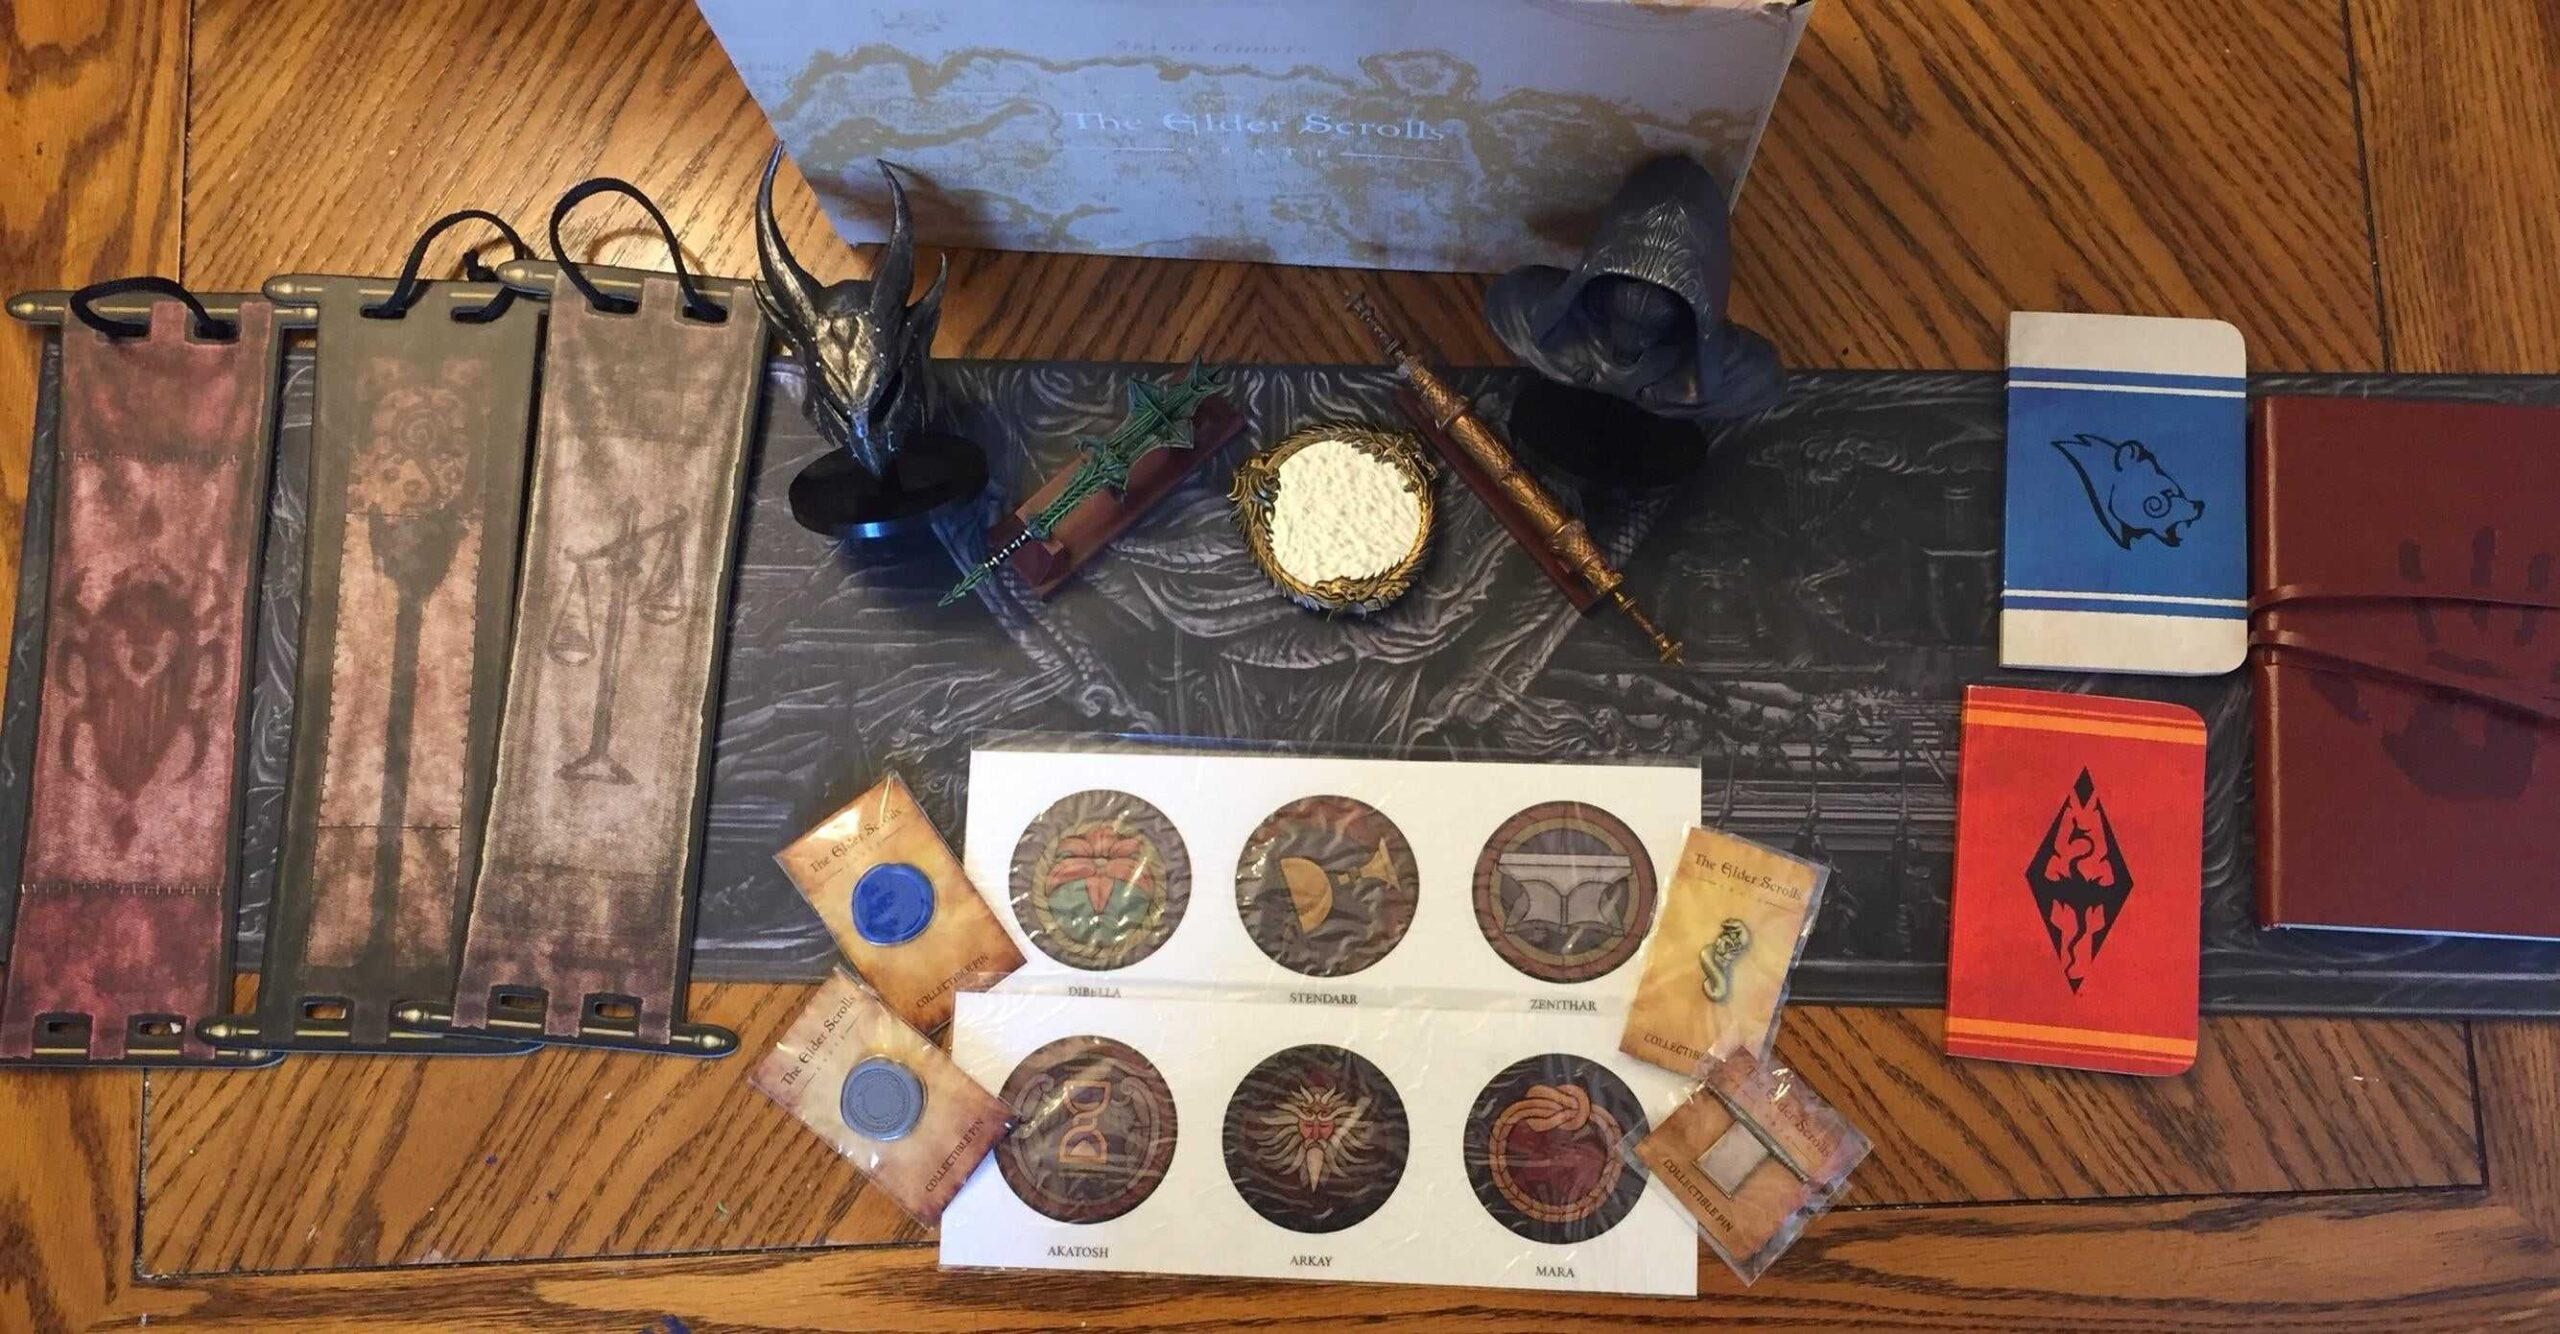 Elder Scrolls Crate